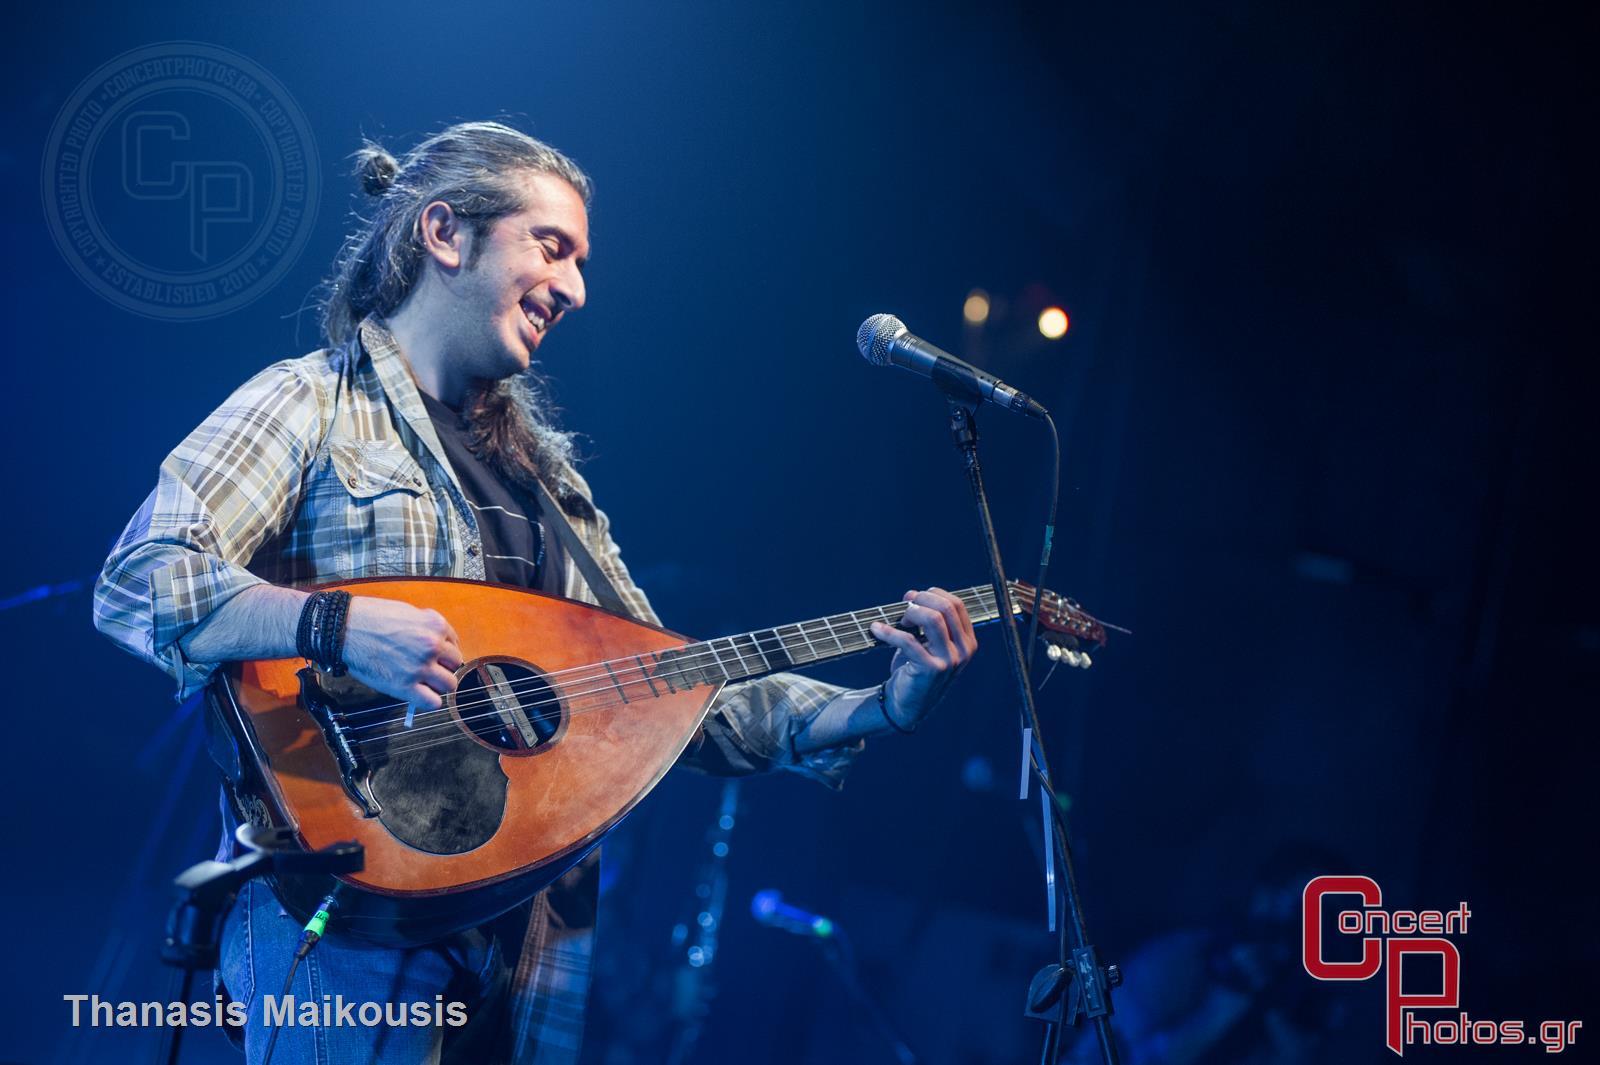 Γιάννης Χαρούλης-Charoulis Votanikos 2014 photographer: Thanasis Maikousis - concertphotos_-9364